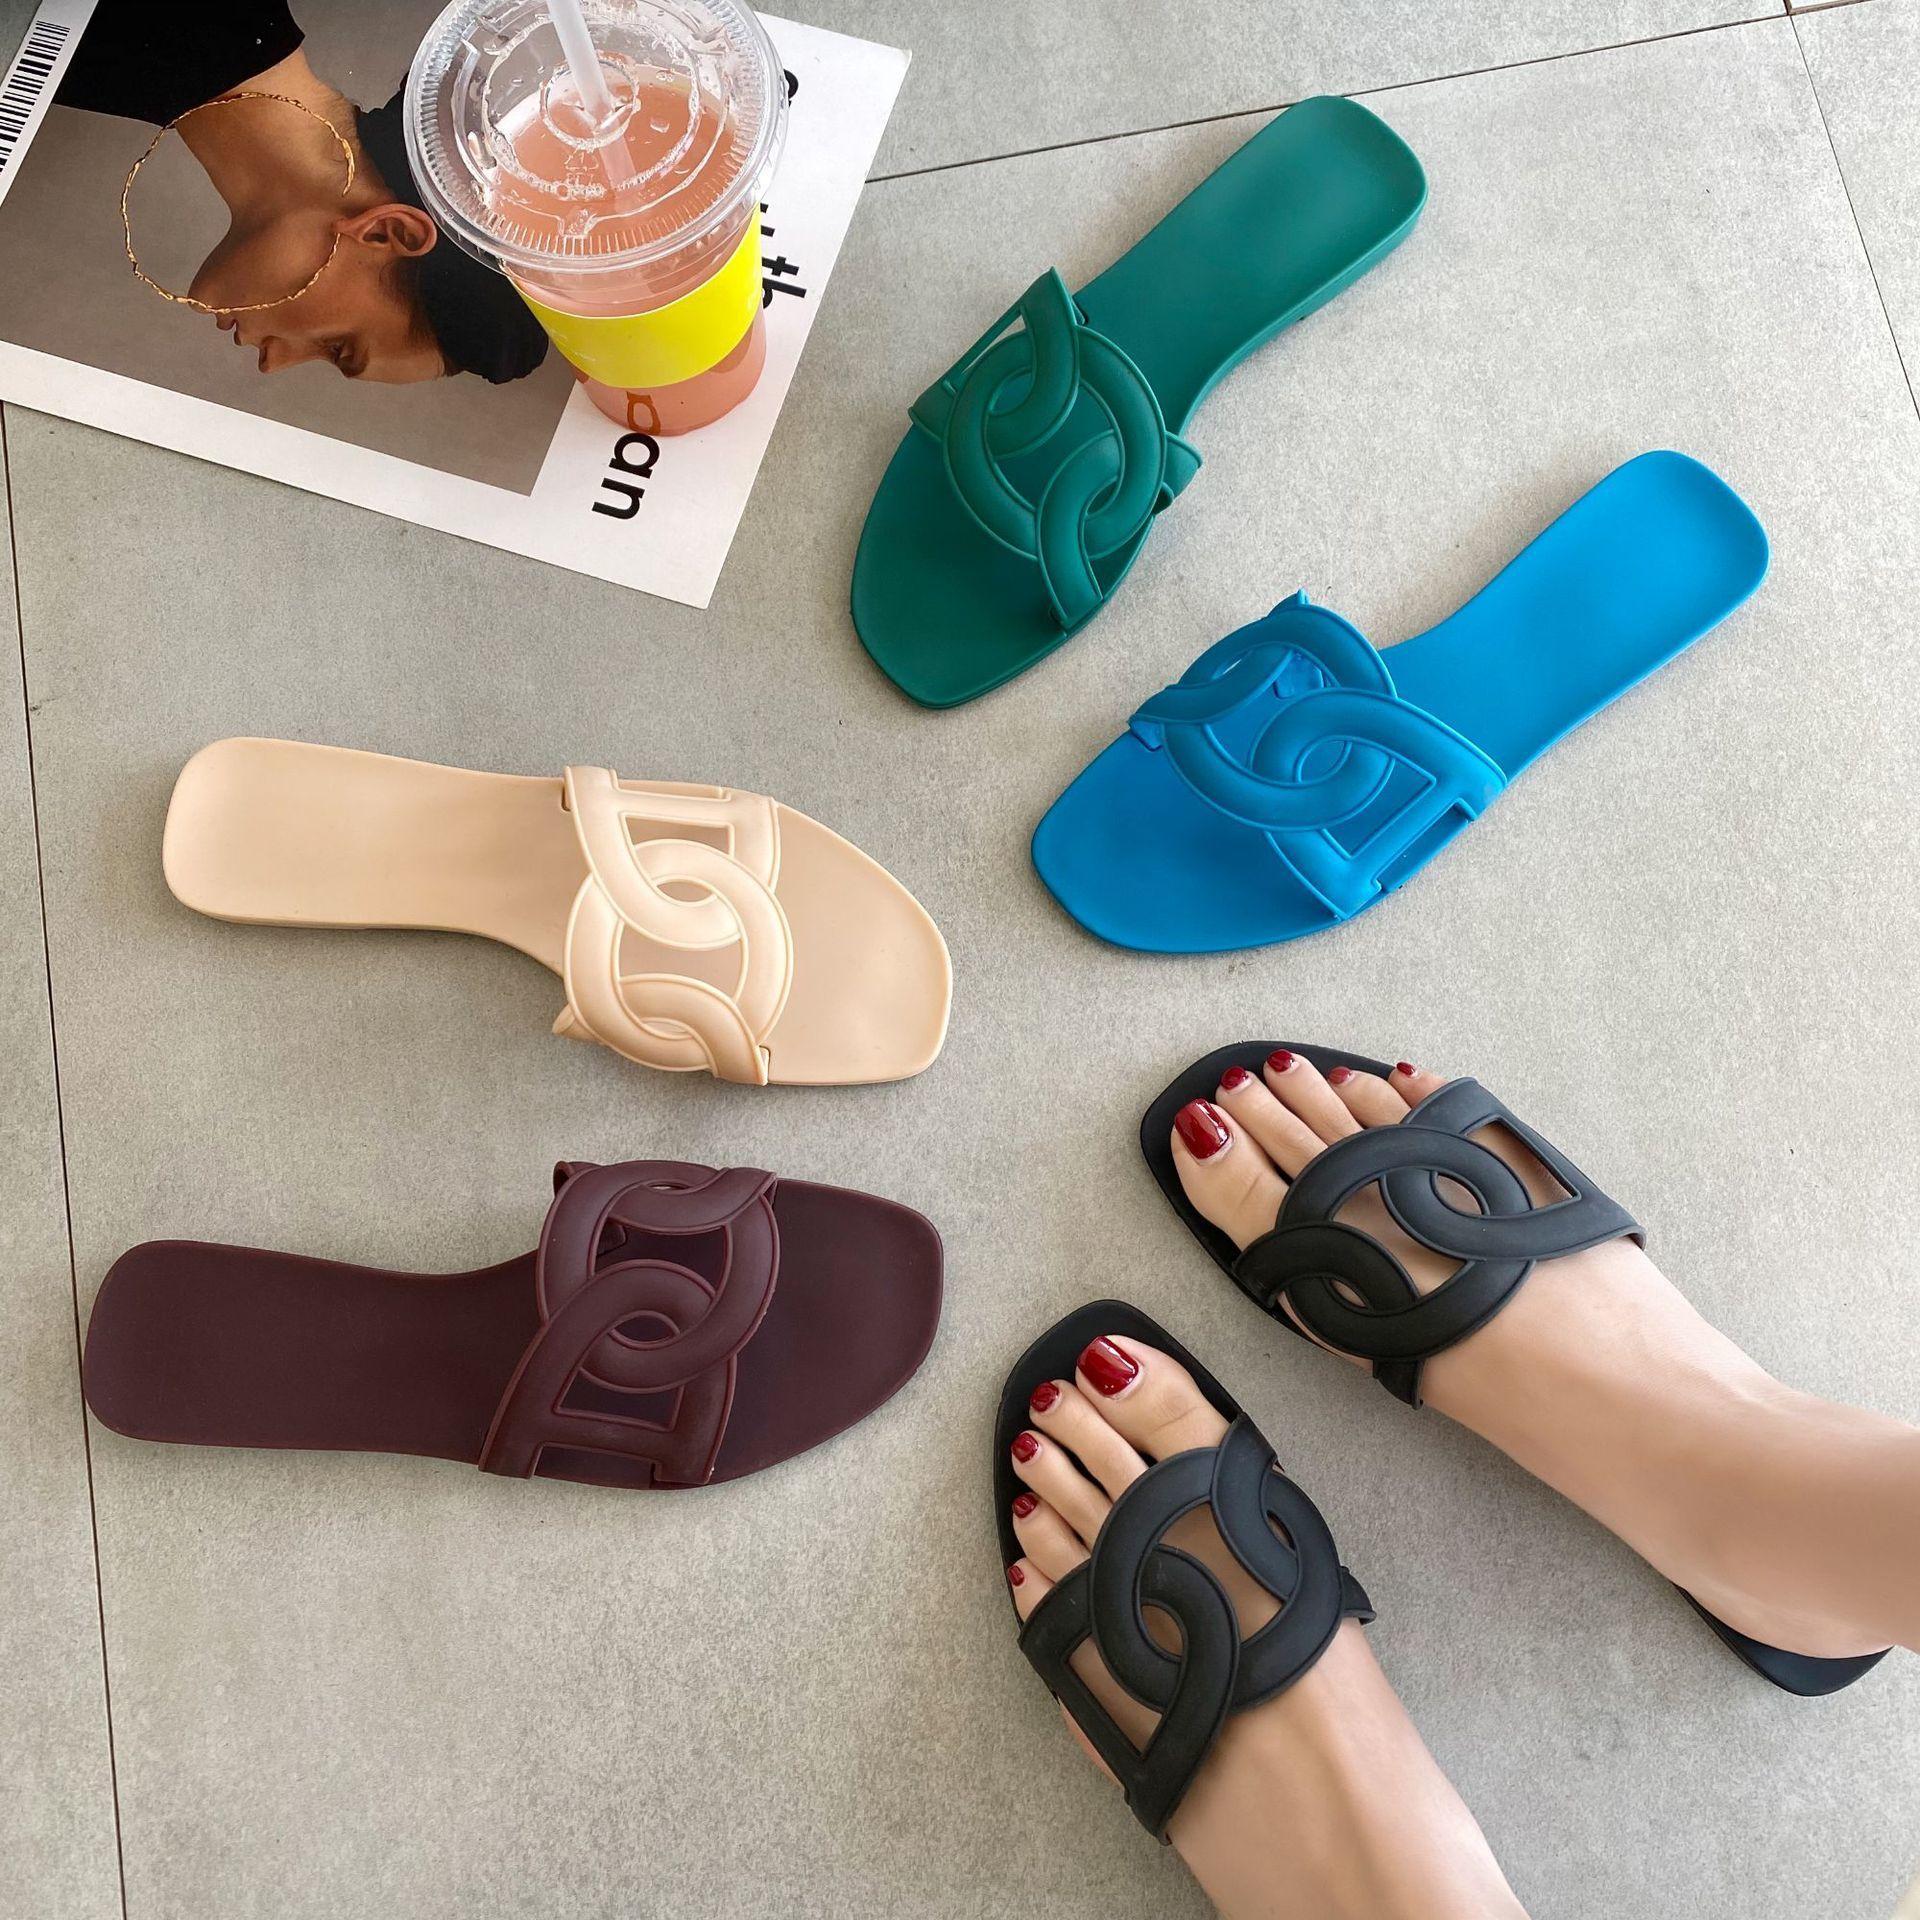 Mujeres usan zapatillas 2020 ins cerdo zapatillas de punta sandalias planas para mujer diapositivas de lujo chanclas sandalias